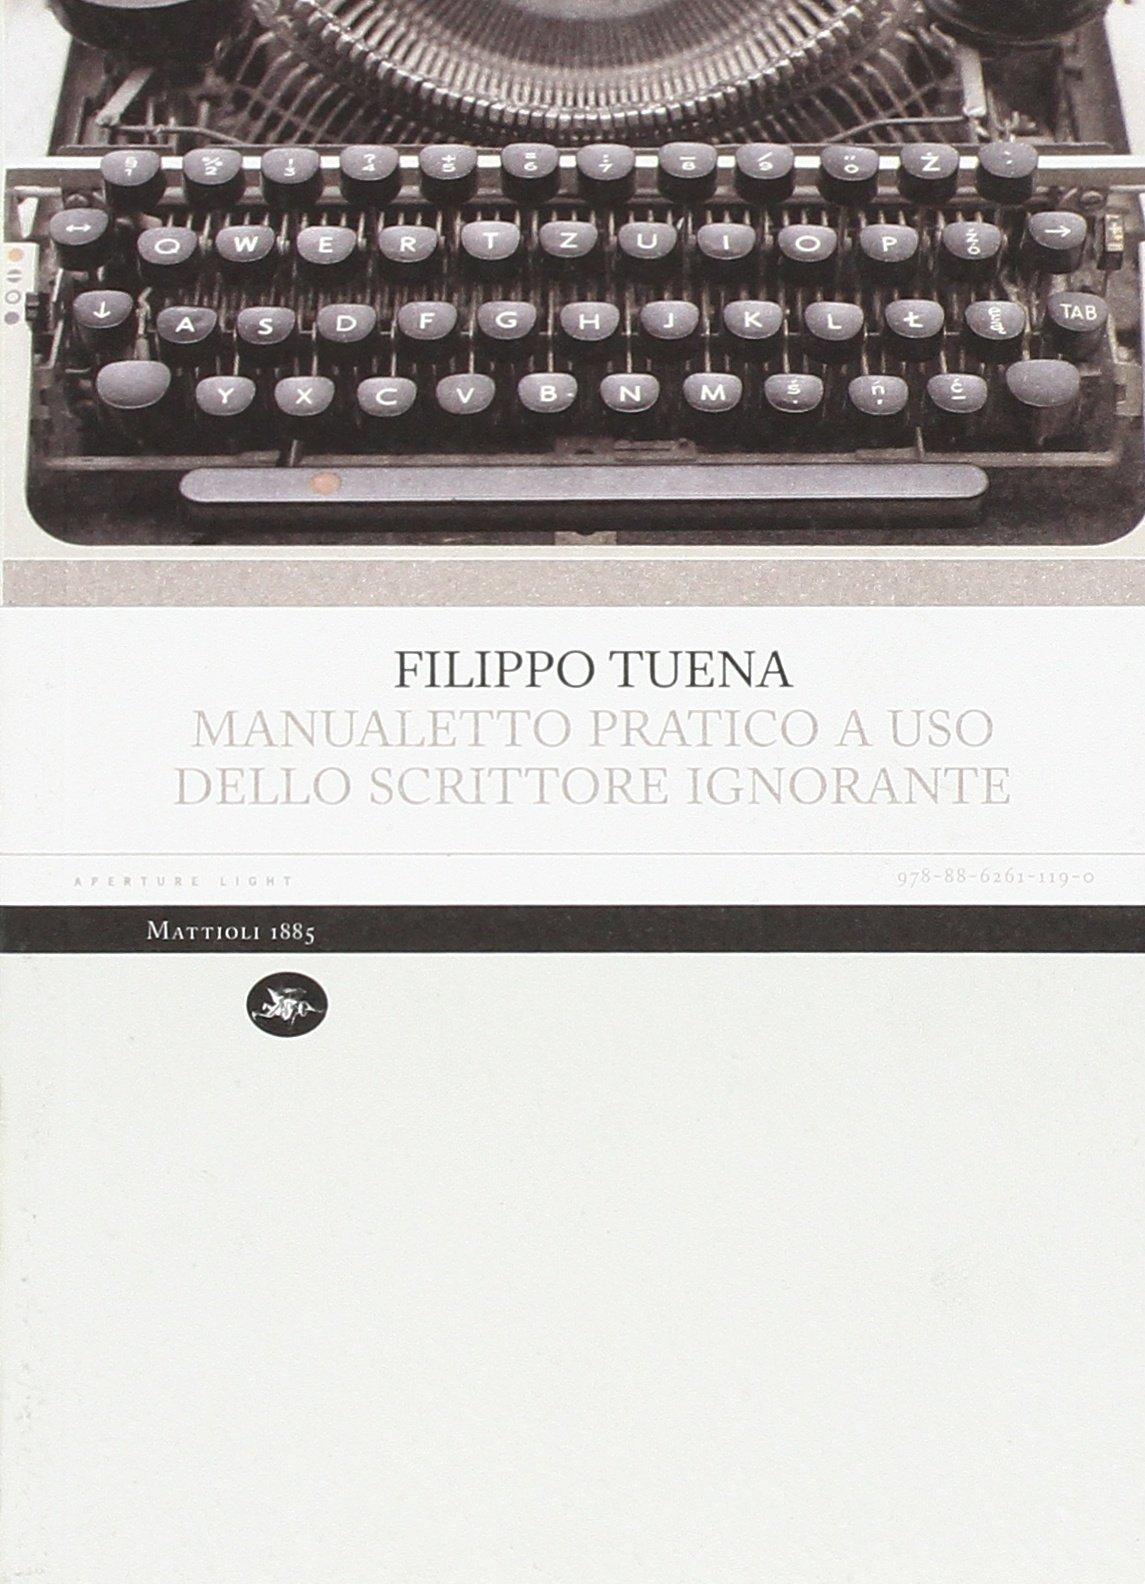 Manuale pratico a uso dello scrittore ignorante – Filippo Tuena